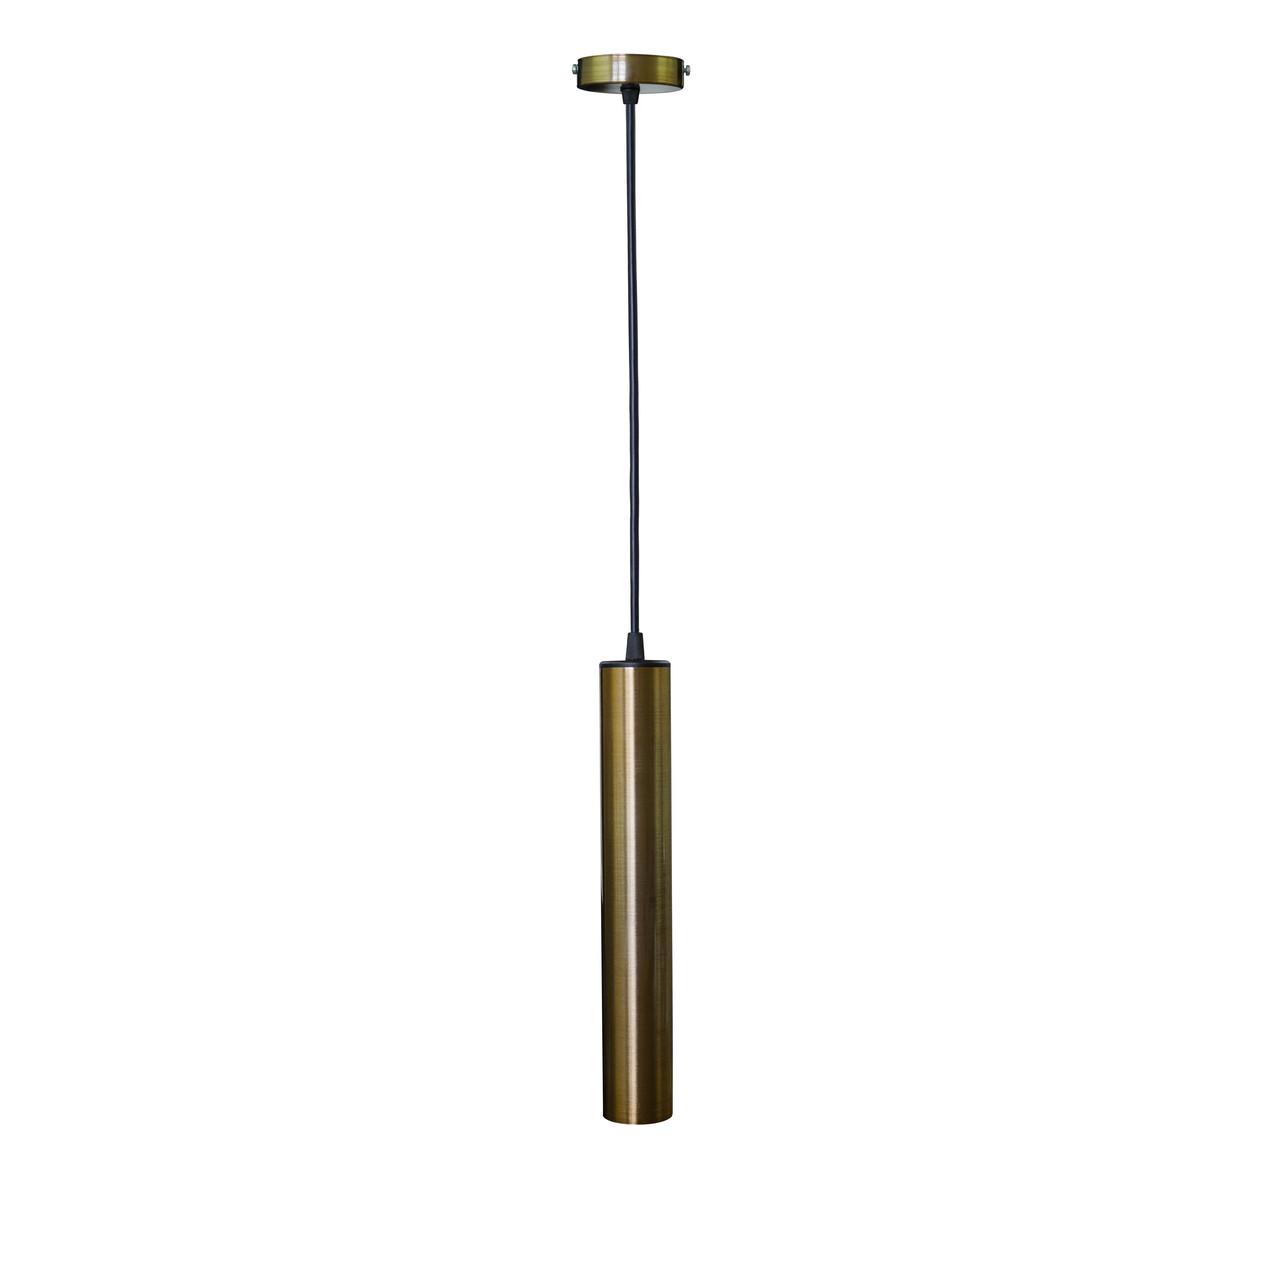 Світильник підвісний MSK Electric Tube NL 3522 BN